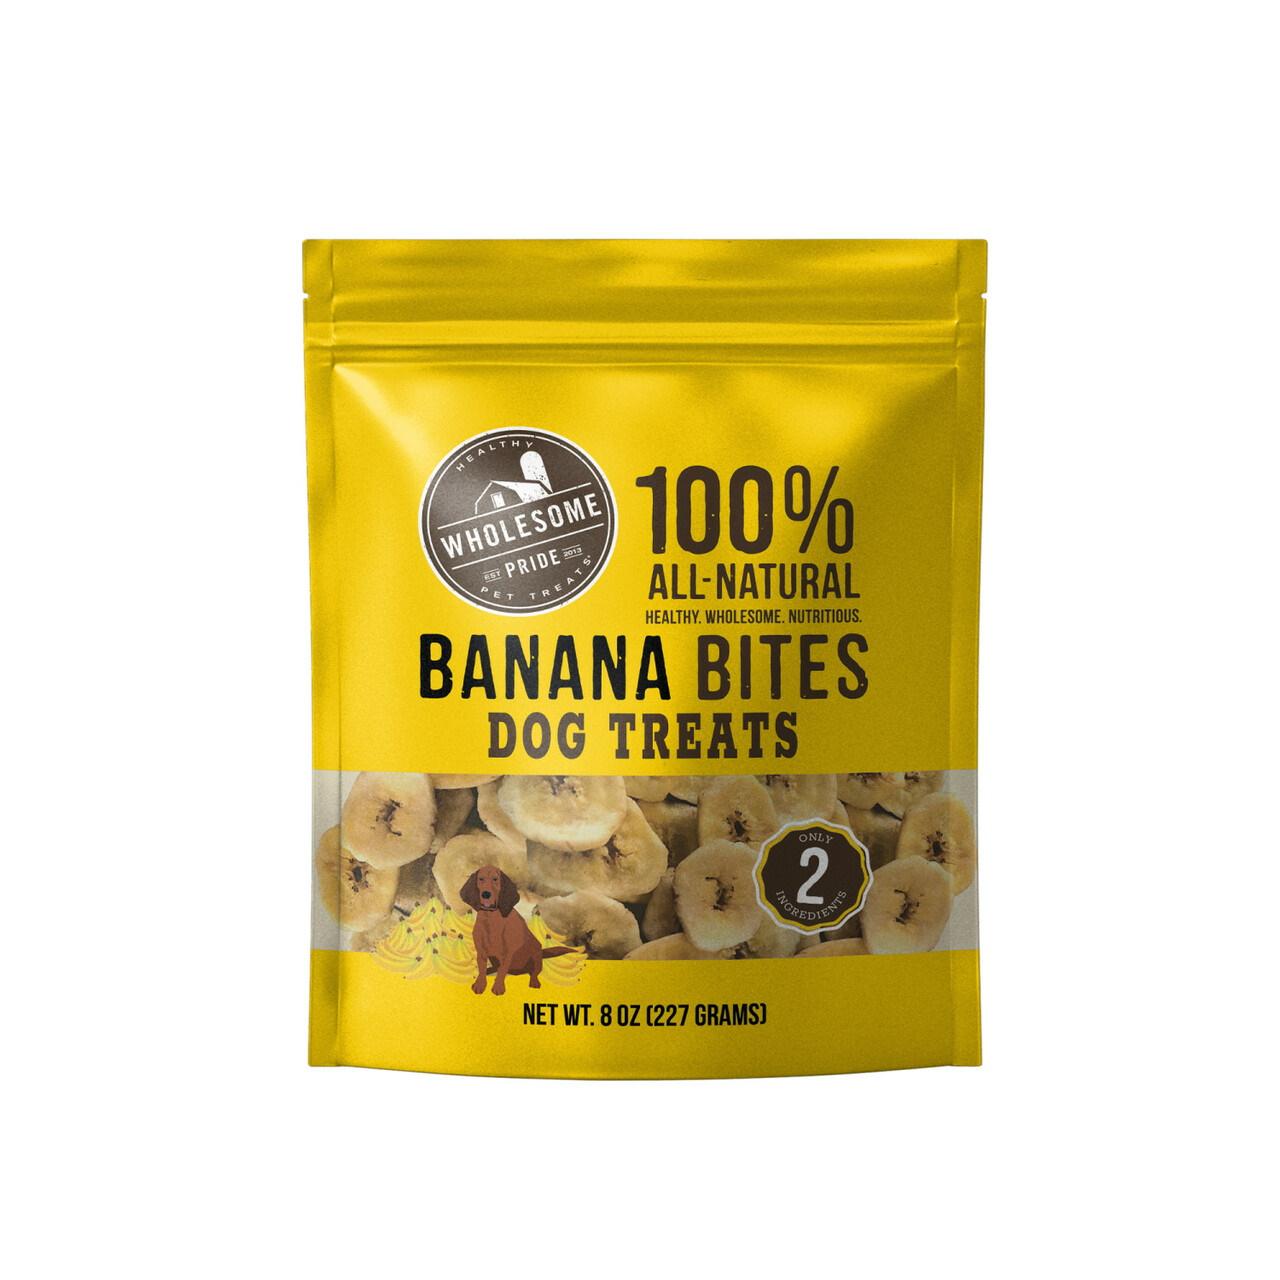 Home > Dog Treats > Wholesome Pride Banana Bites Dog Treats